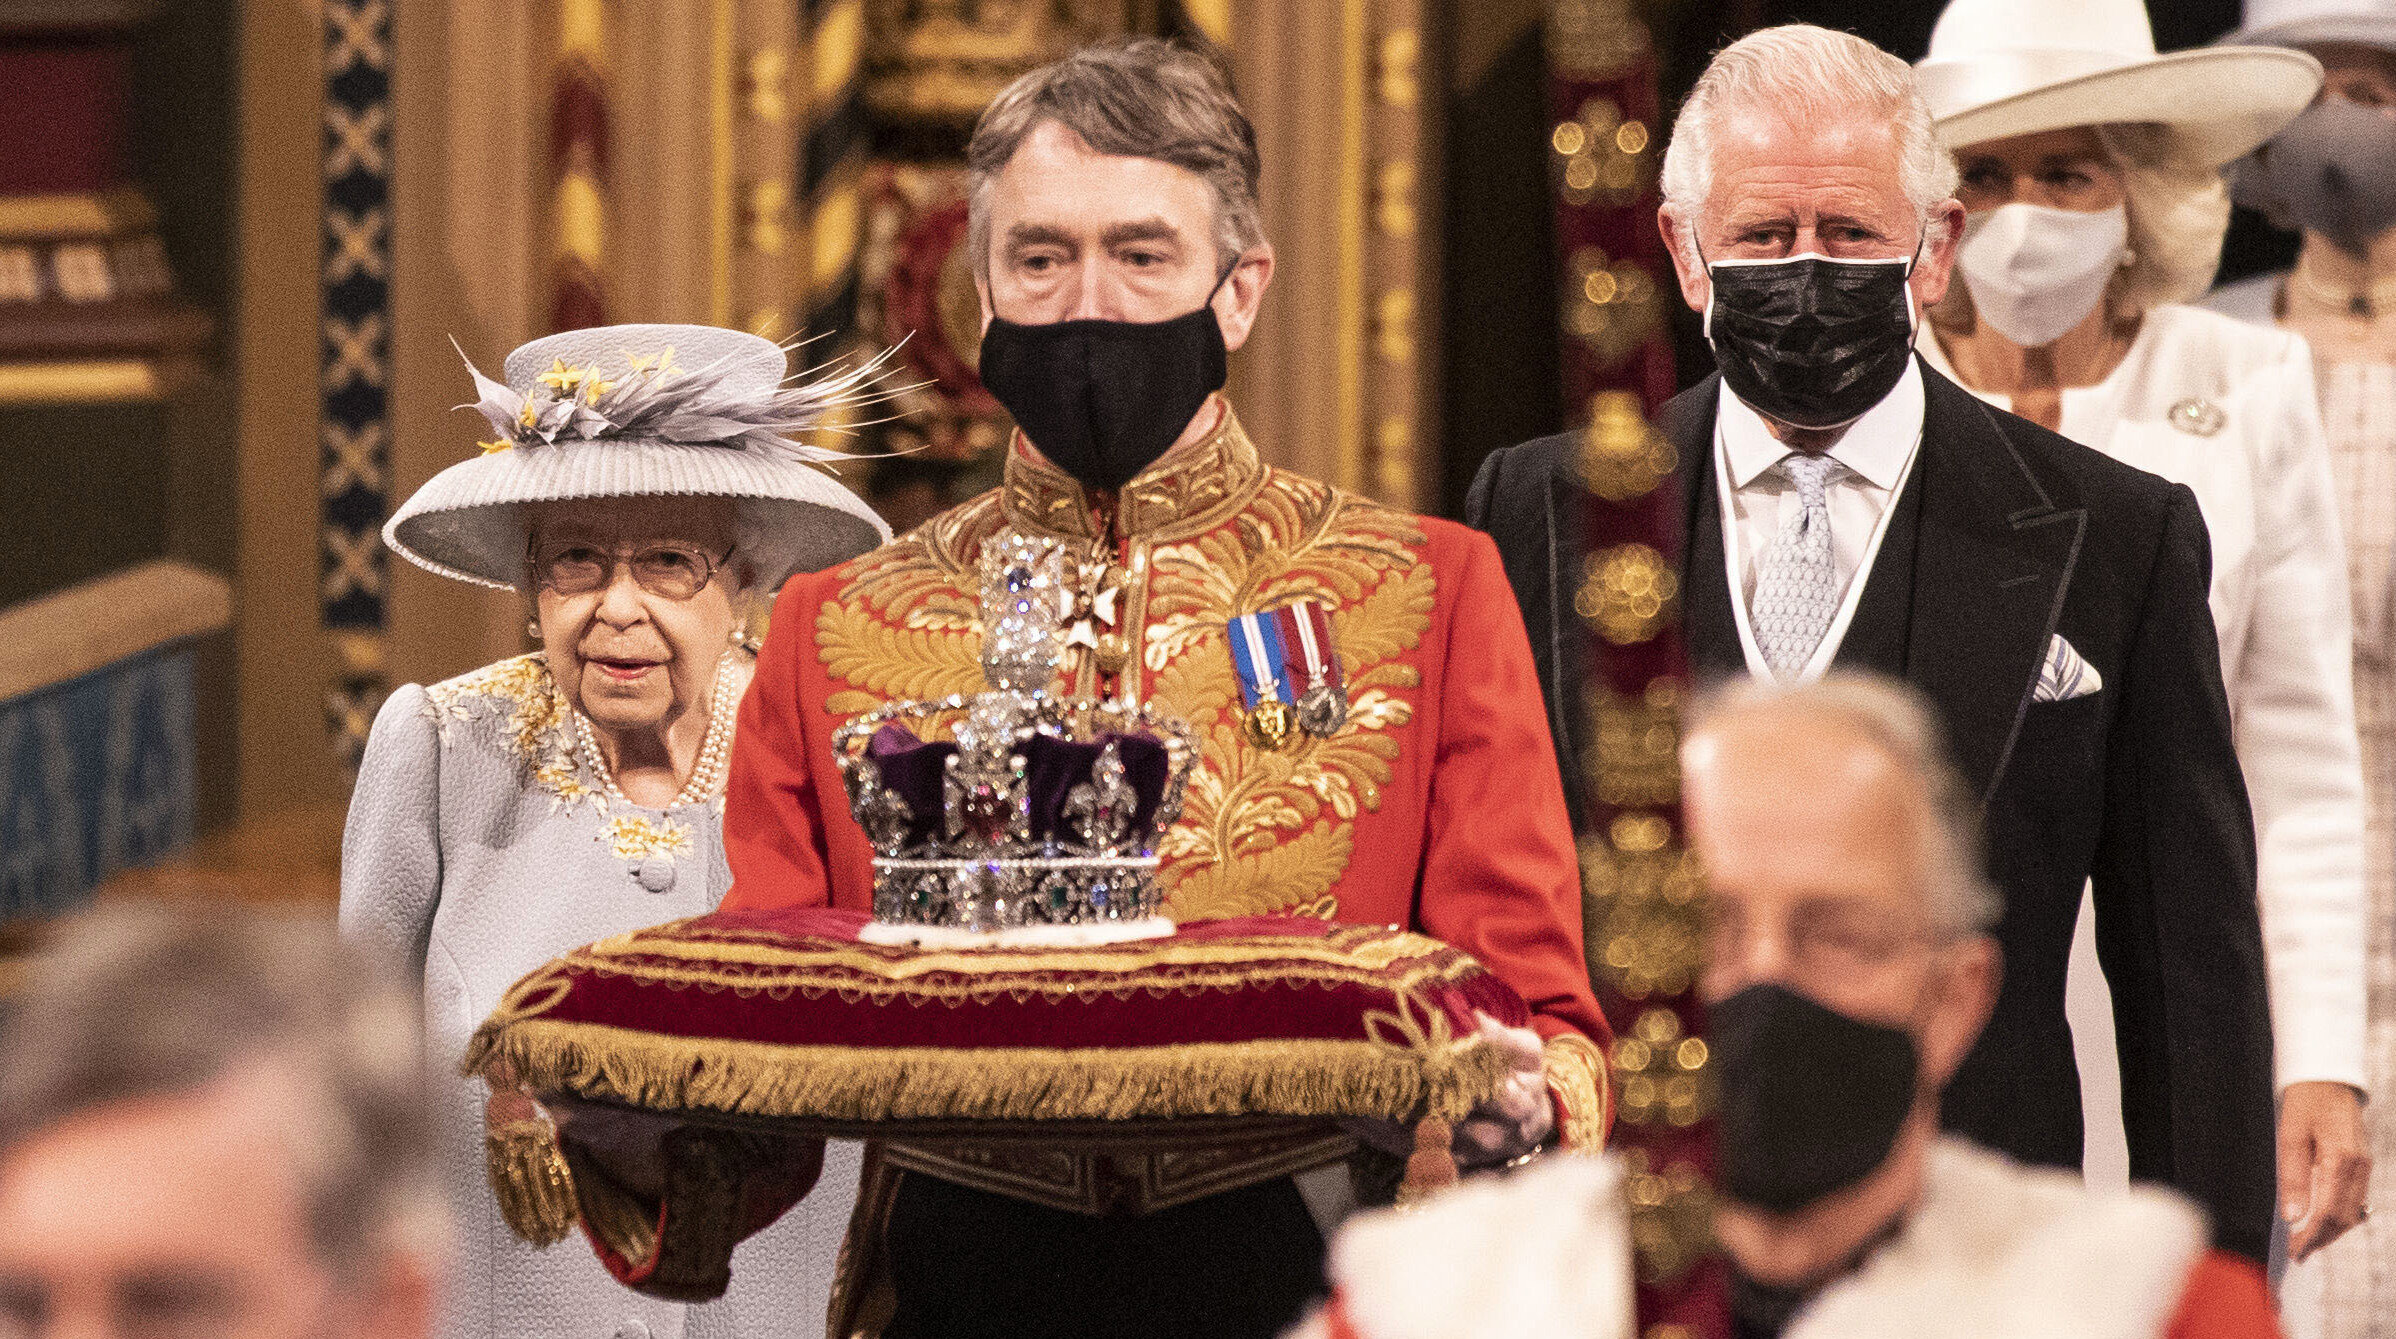 Monarhia britanică ar putea dispărea peste două generații, estimează scriitoarea Hilary Mantel